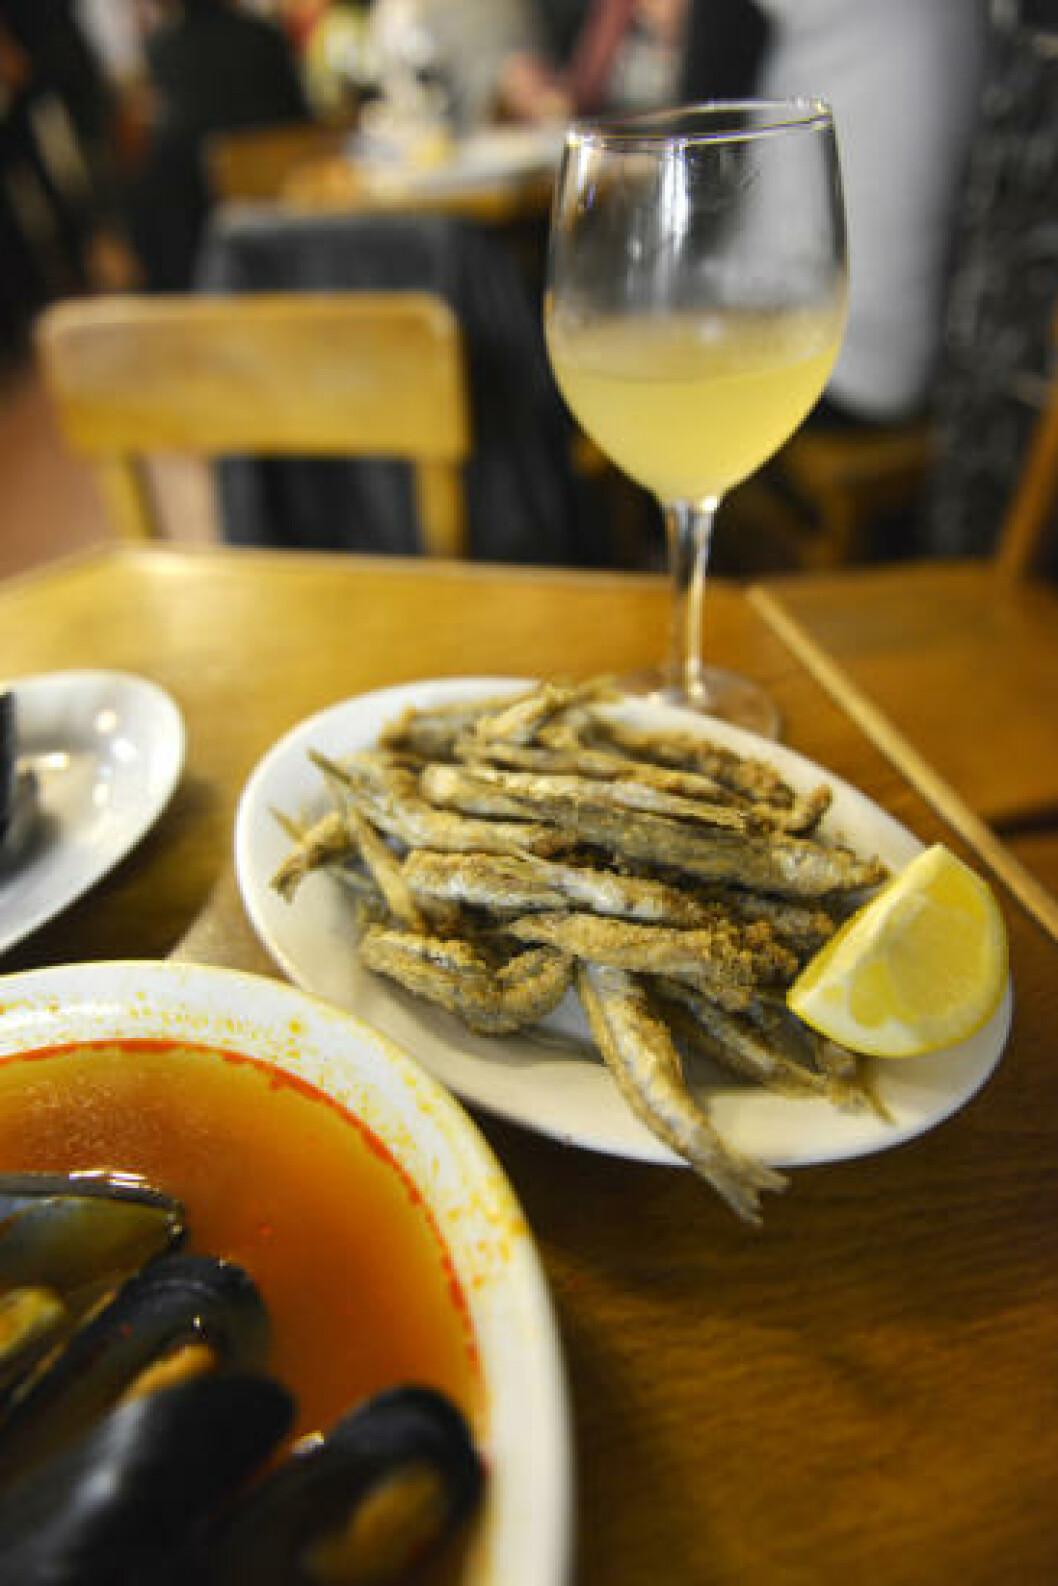 <strong>TOPP TAPAS:</strong> Blåskjell og stekte småfisk (pescadito frito) er de største spesialitetene til Bar La Pilareta på Plaça Tossal i gamlebyen. Svelges gjerne ned med et glass fino, svært tørr sherry. Foto: GJERMUND GLESNES